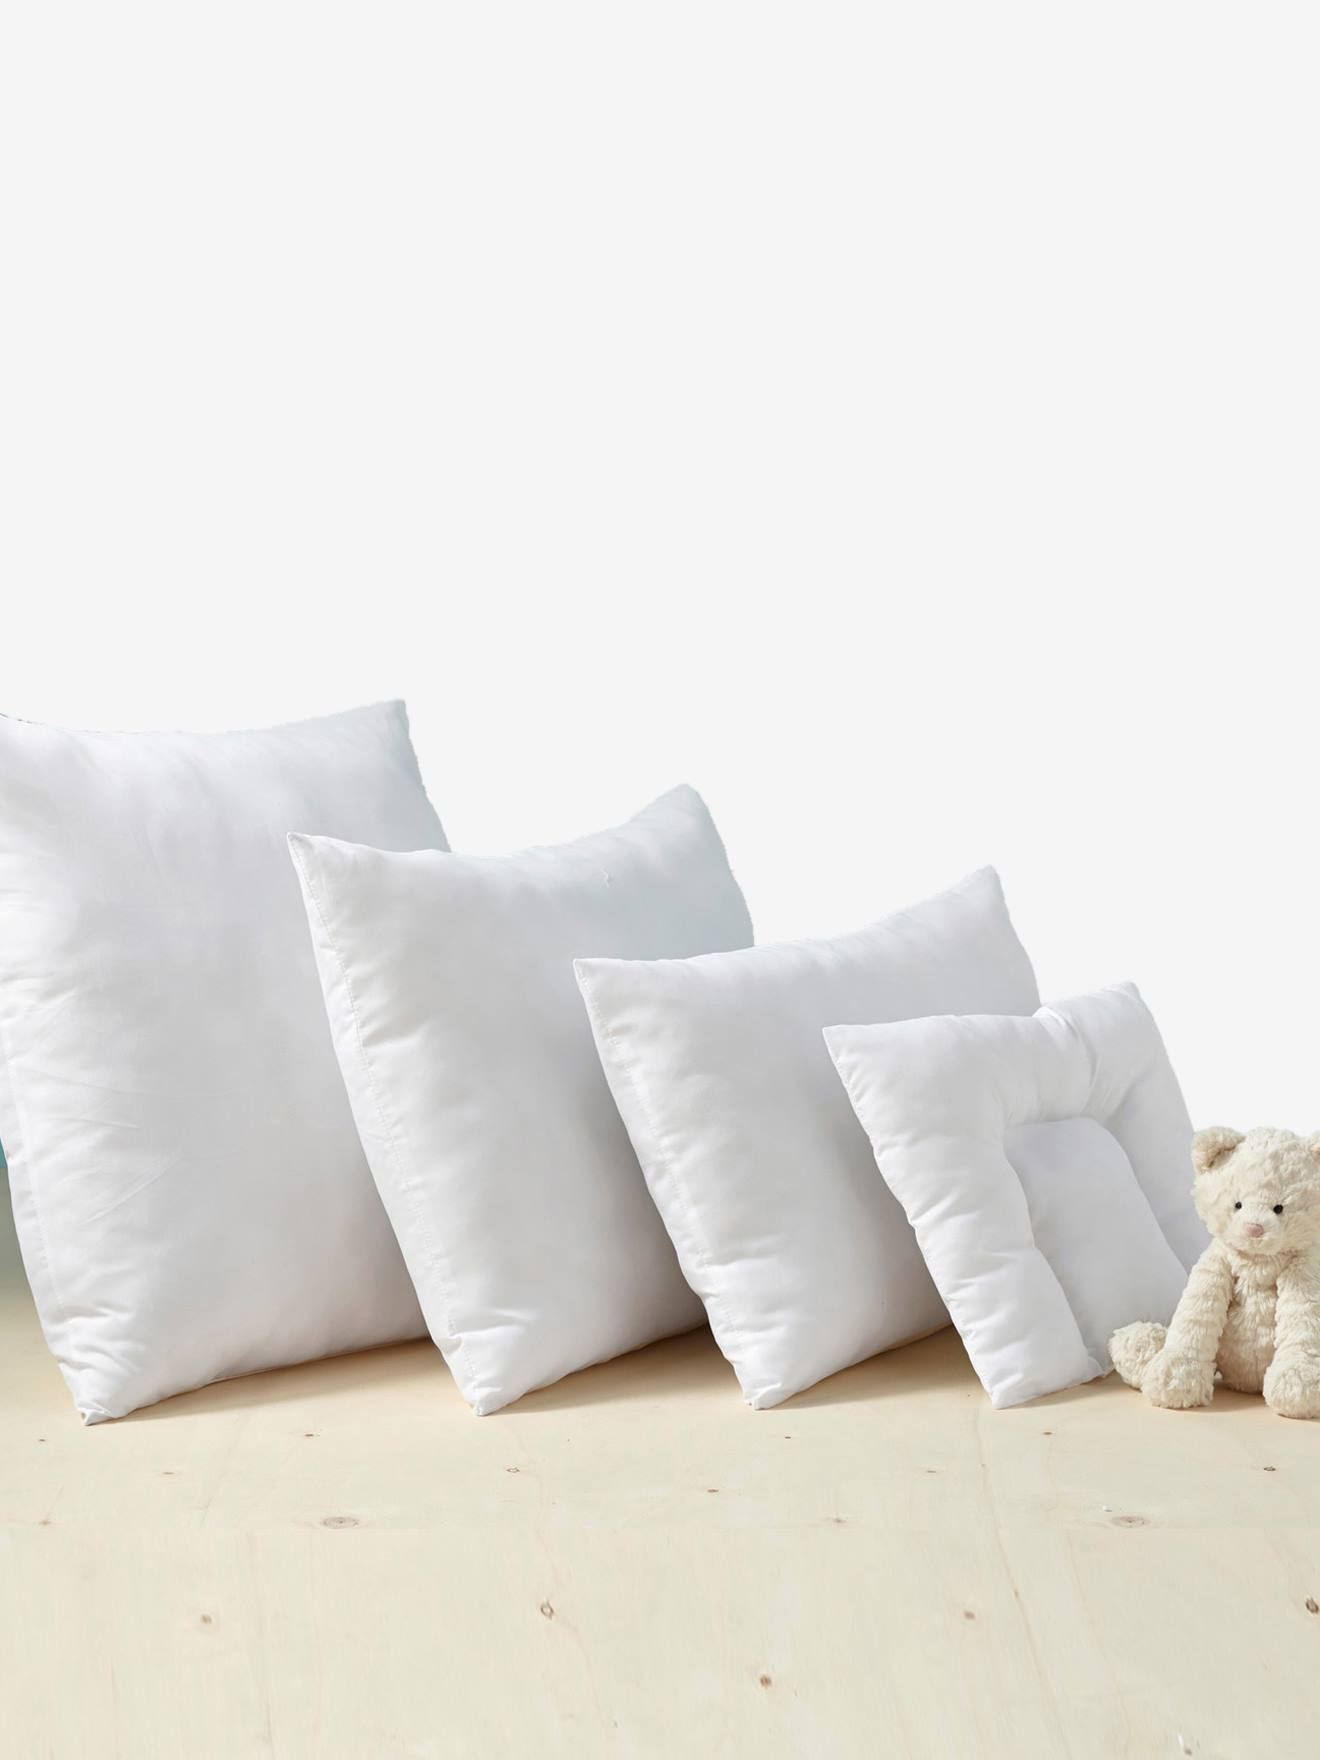 meubles et linge de lit literie oreiller oreiller microfibre entretien facile a bouillir